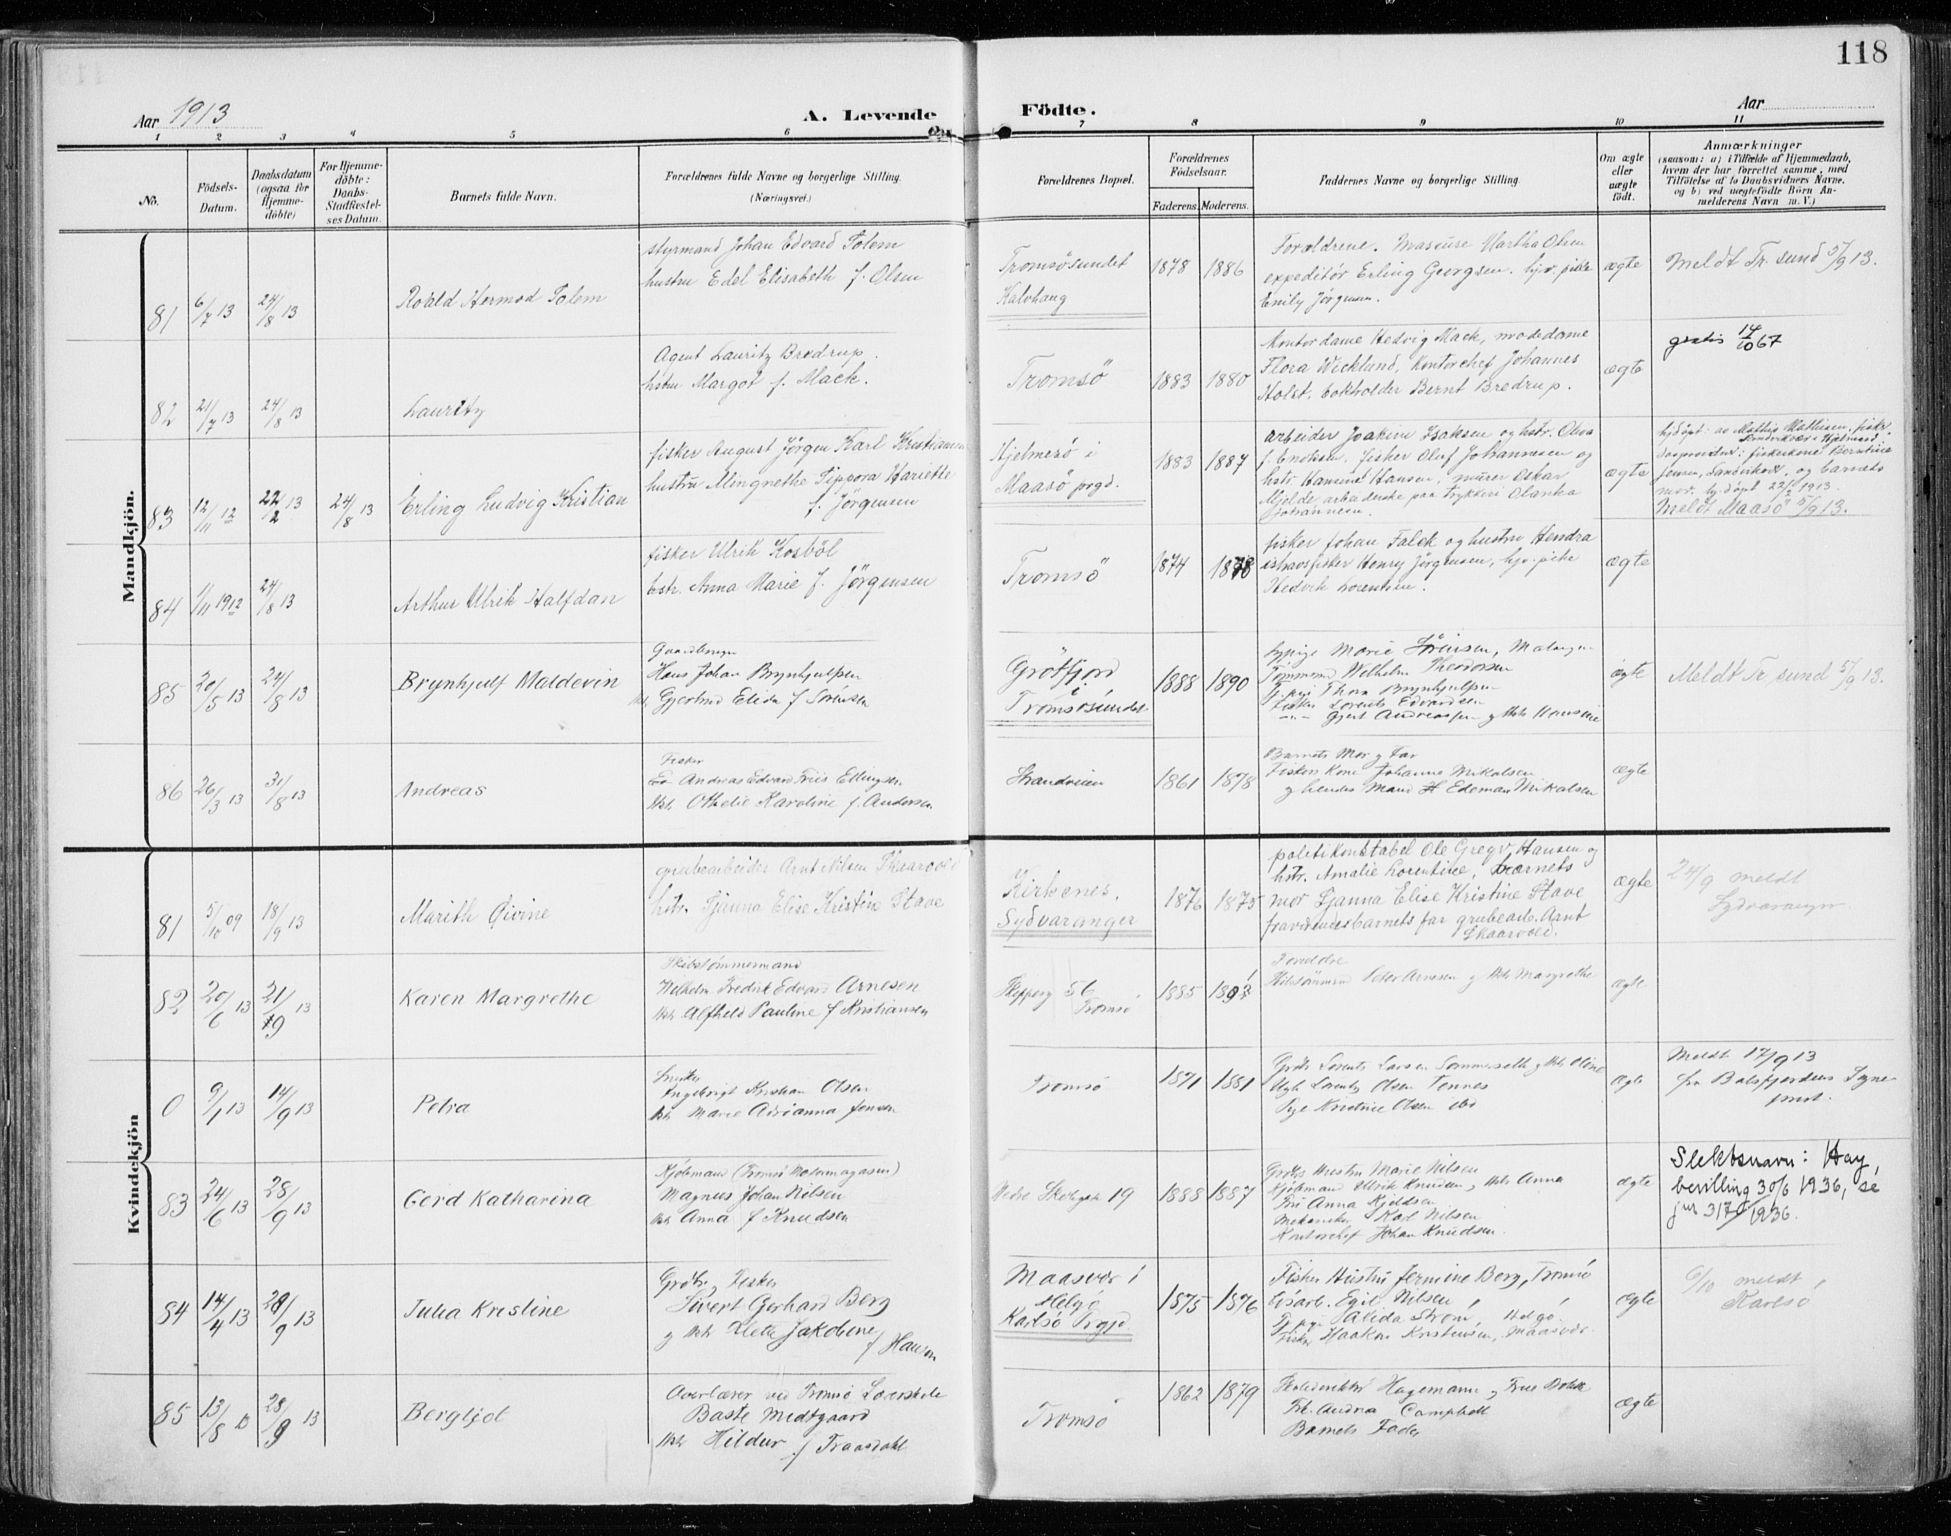 SATØ, Tromsø sokneprestkontor/stiftsprosti/domprosti, G/Ga/L0017kirke: Ministerialbok nr. 17, 1907-1917, s. 118